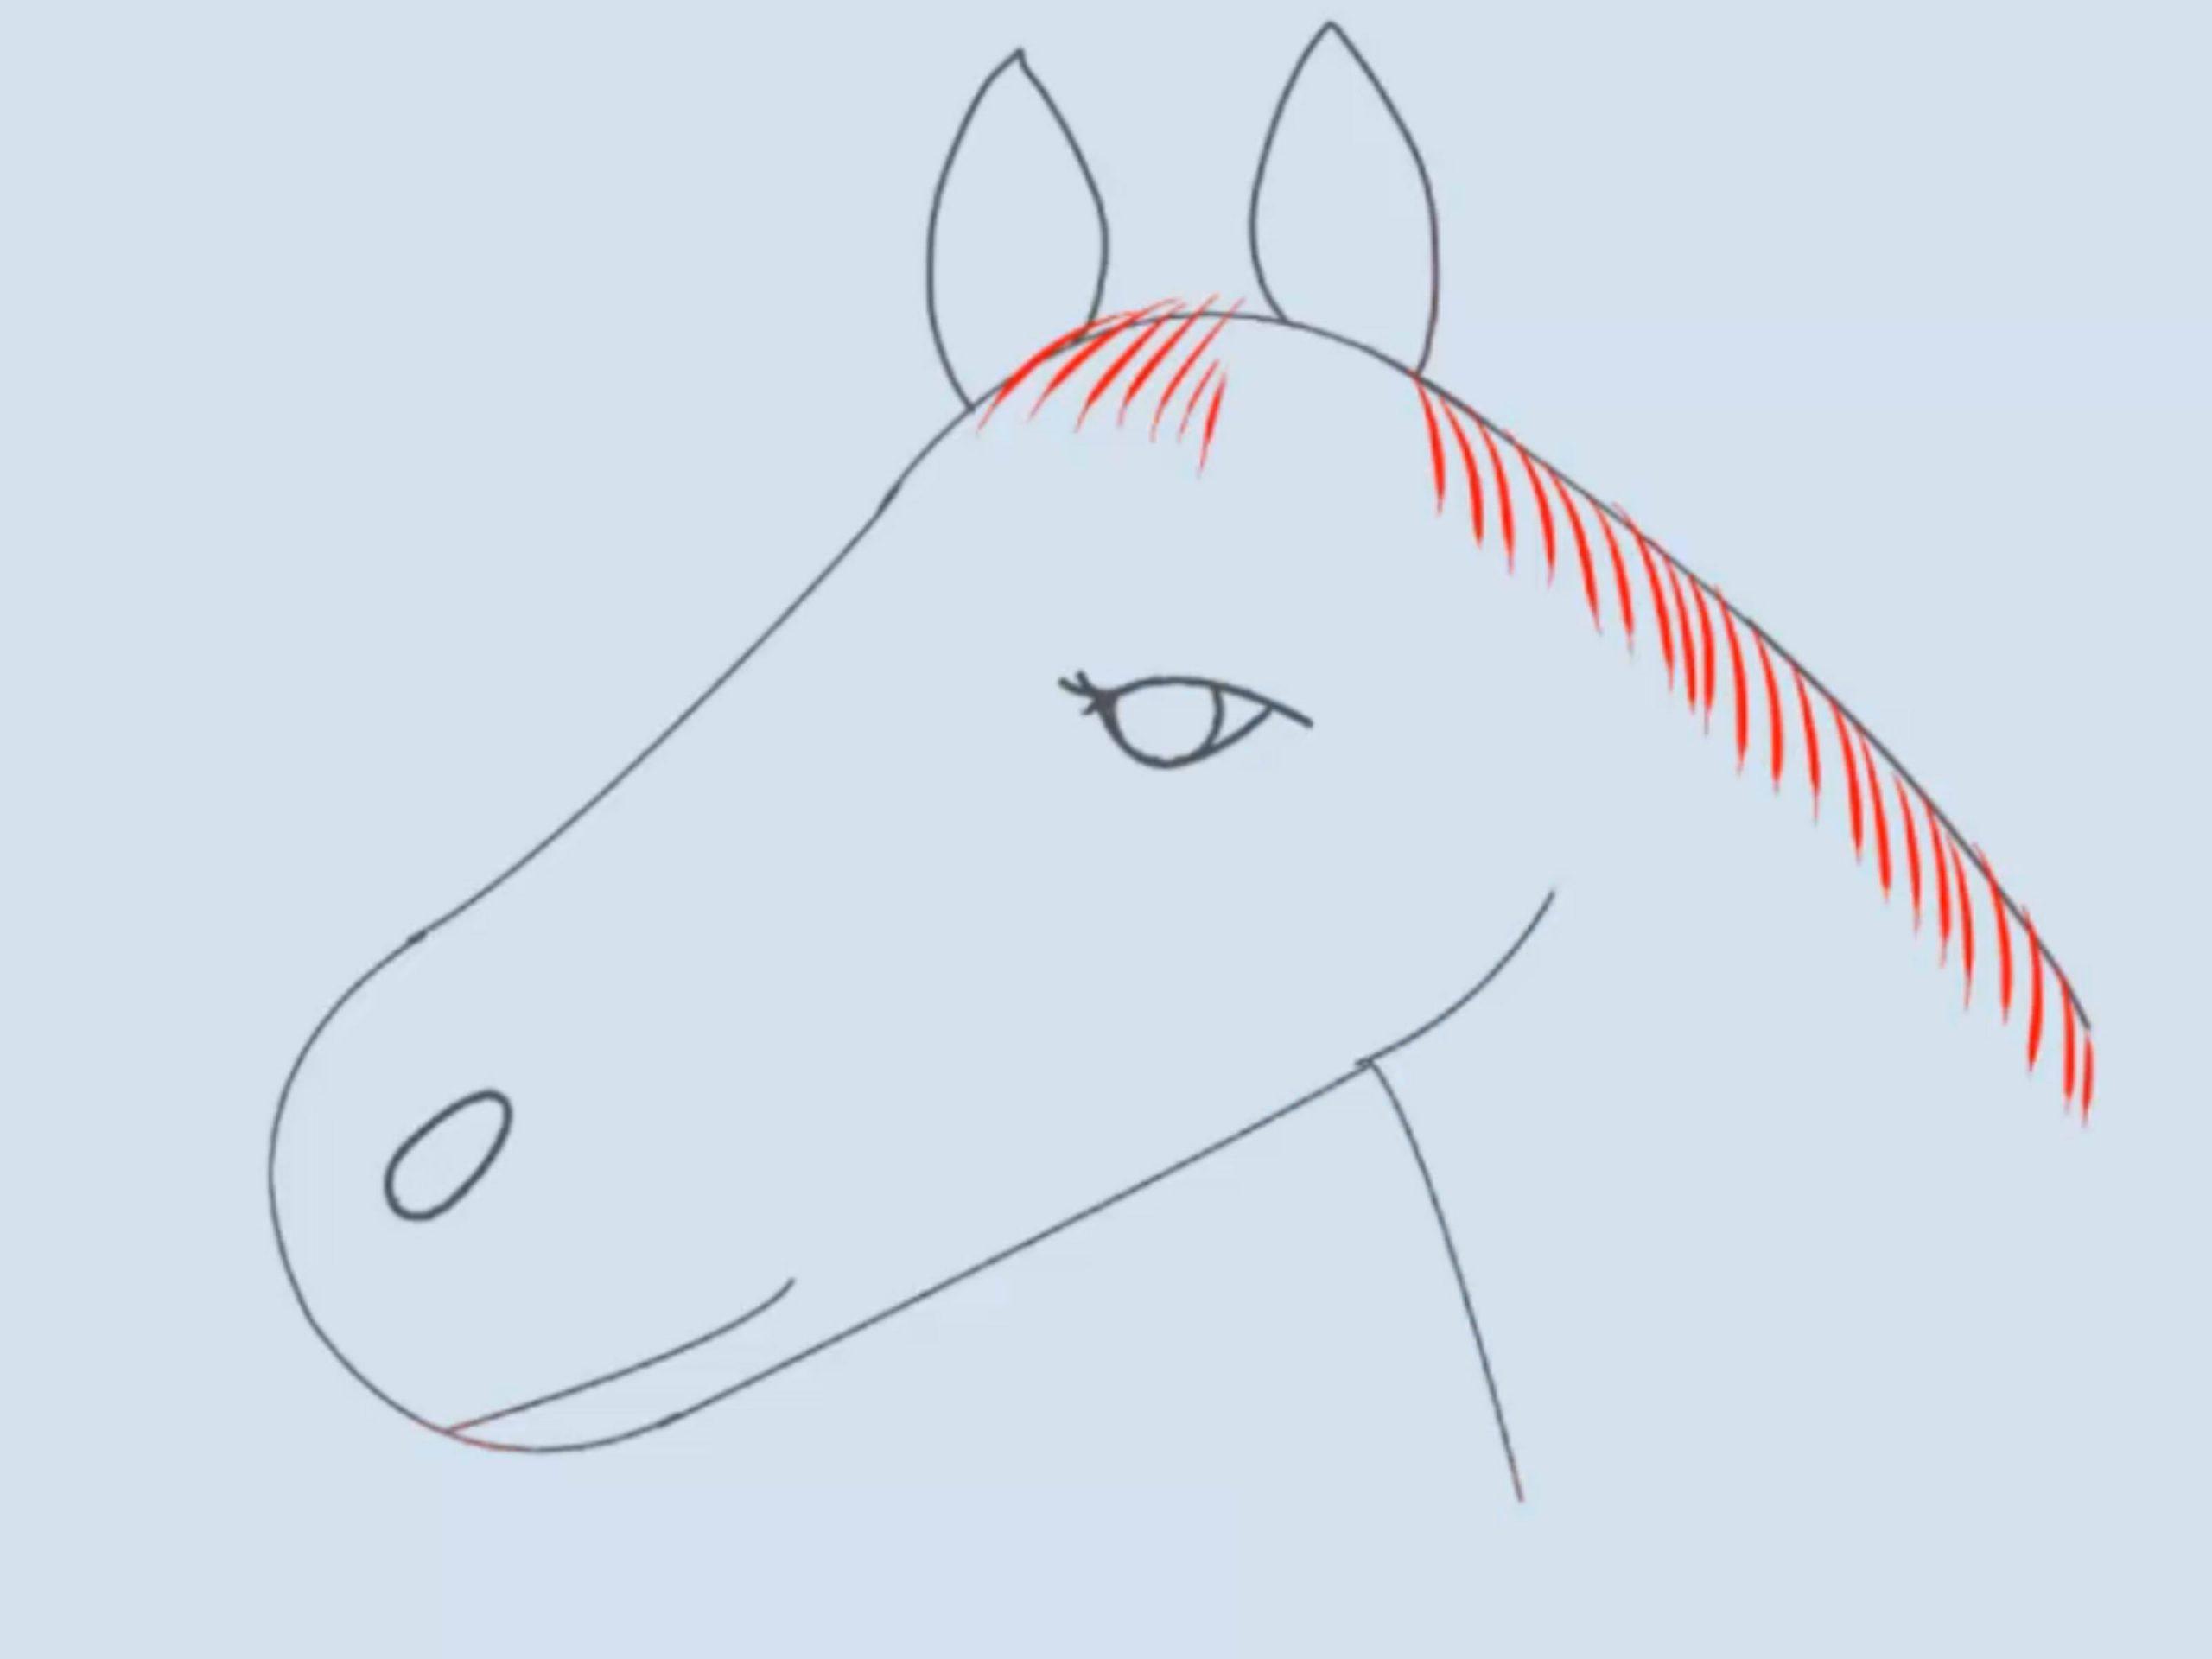 Einen Pferdekopf Zeichnen: 15 Schritte (Mit Bildern) – Wikihow bei Pferdekopf Malen